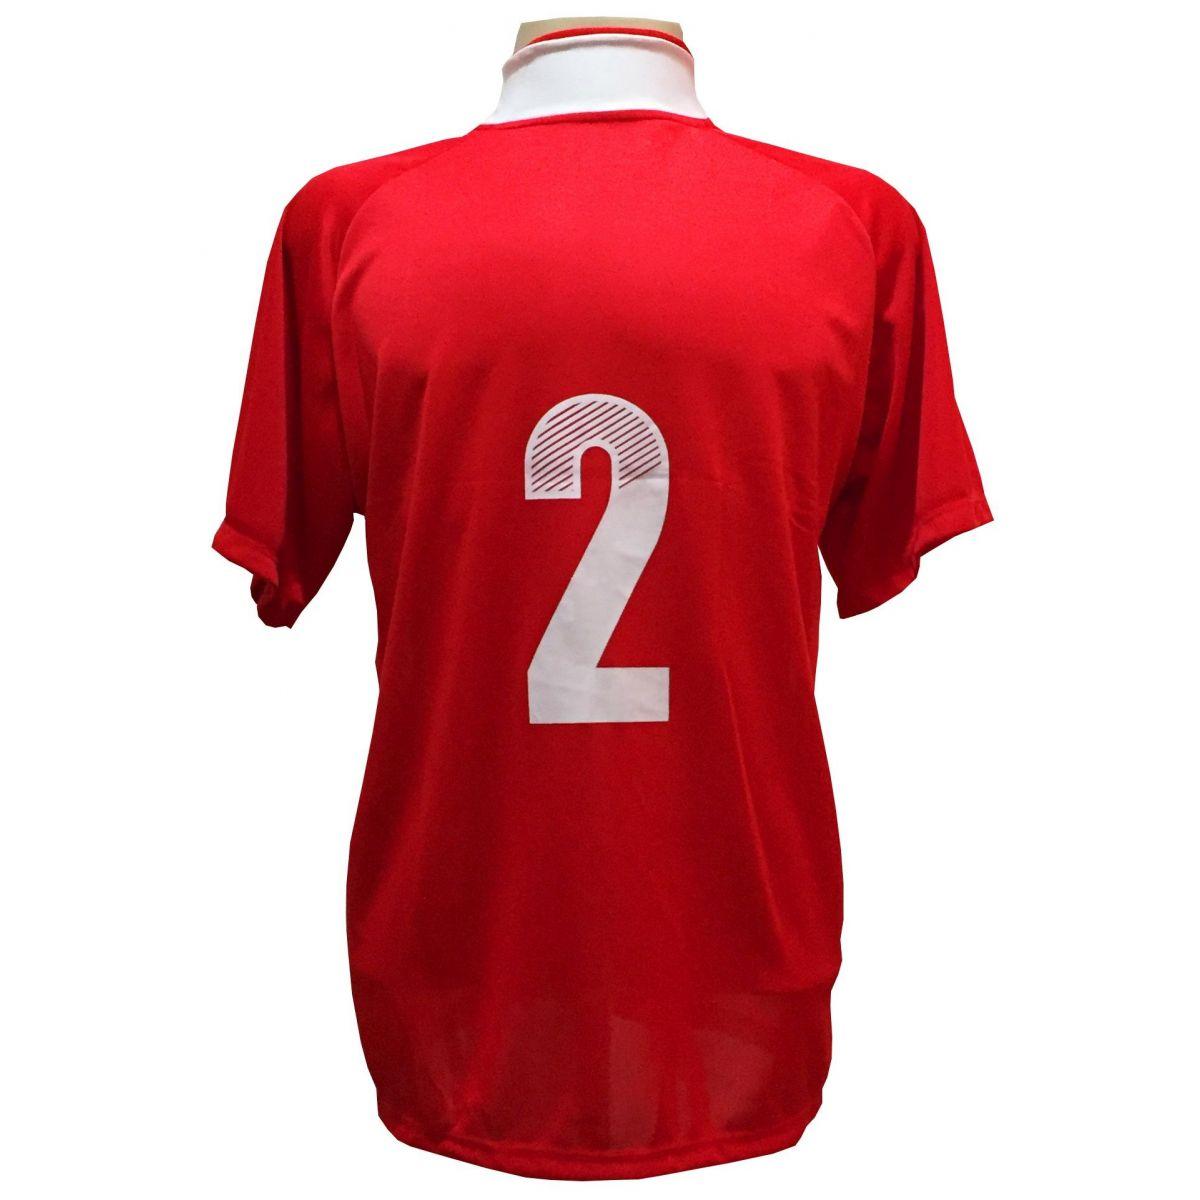 Fardamento Completo modelo Milan 20+2 (20 camisas Vermelho/Branco + 20 calções modelo Madrid Vermelho + 20 pares de meiões Vermelho + 2 conjuntos de goleiro) + Brindes